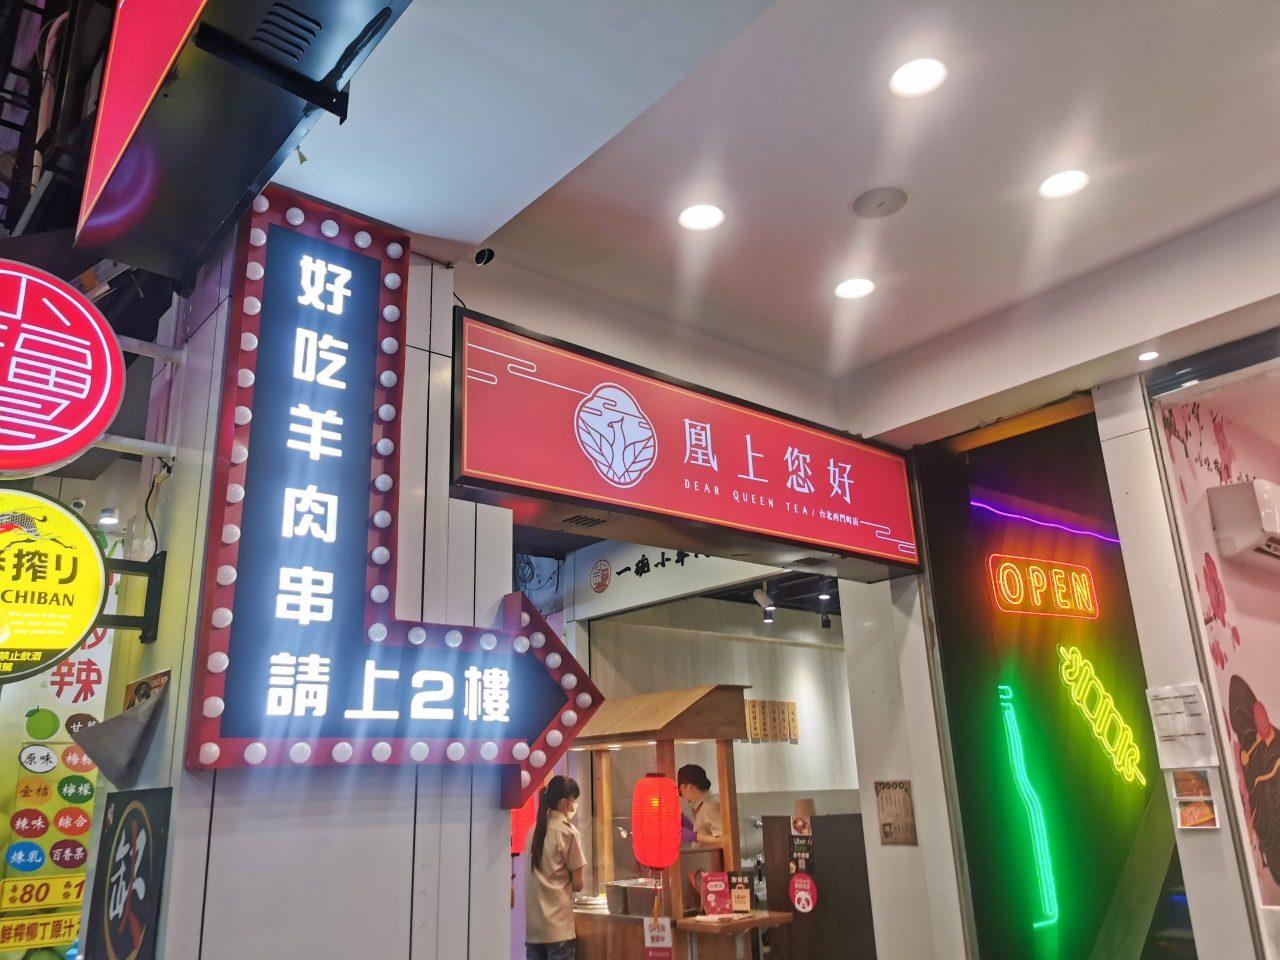 (西門捷運站)西門串燒-台灣首家「羊肉串自動燒烤」超酷的自動燒烤機就在這邊, 讓你吃烤肉好方便-羊騷殿 @Nancy將的生活筆計本